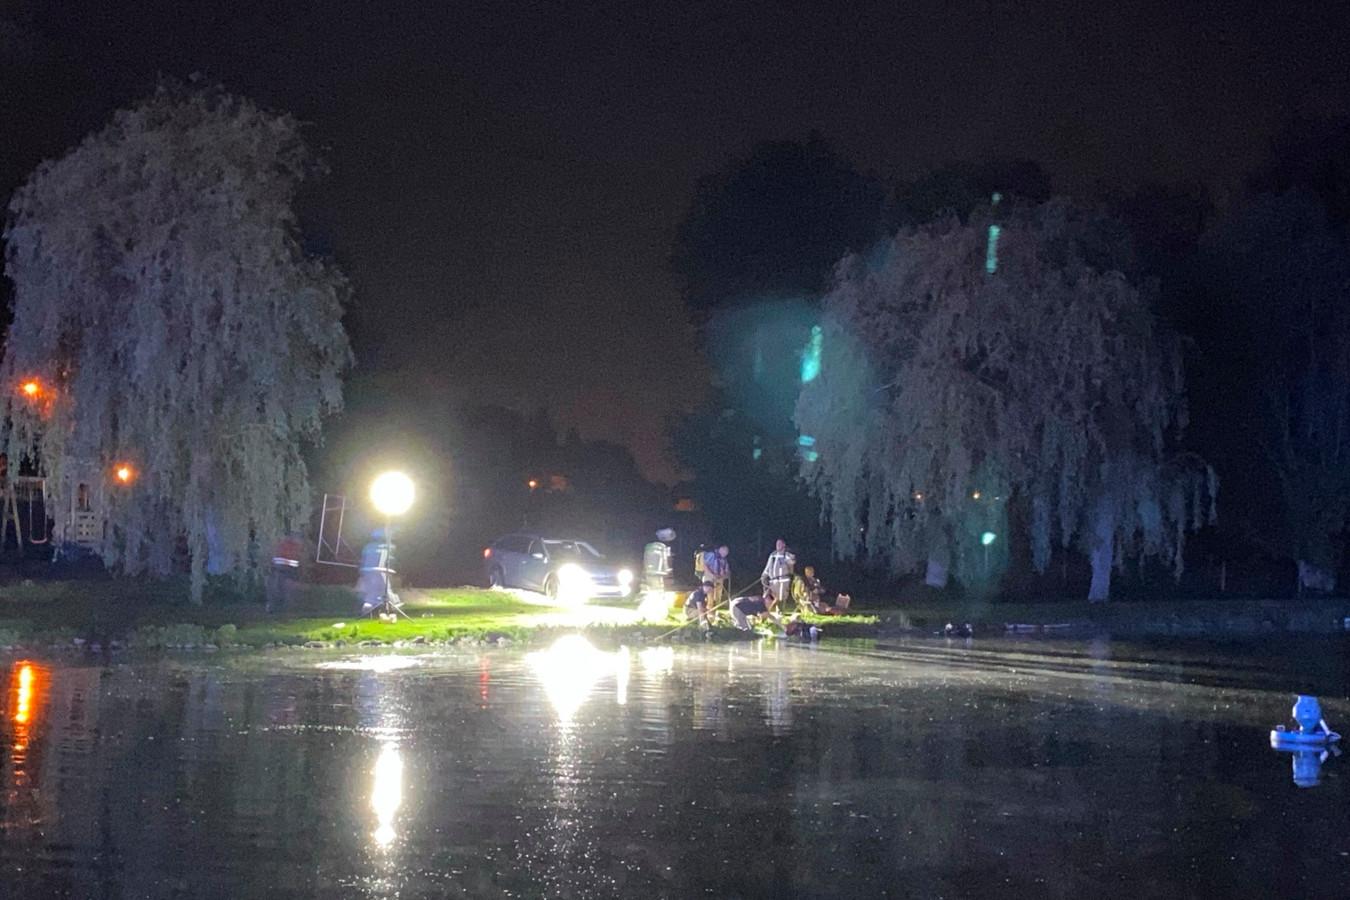 De aanwezigen parkeerden hun auto's met brandende koplampen rond de visvijver, zodat het volledige wateroppervlak verlicht was en de zoekactie vergemakkelijkt werd.